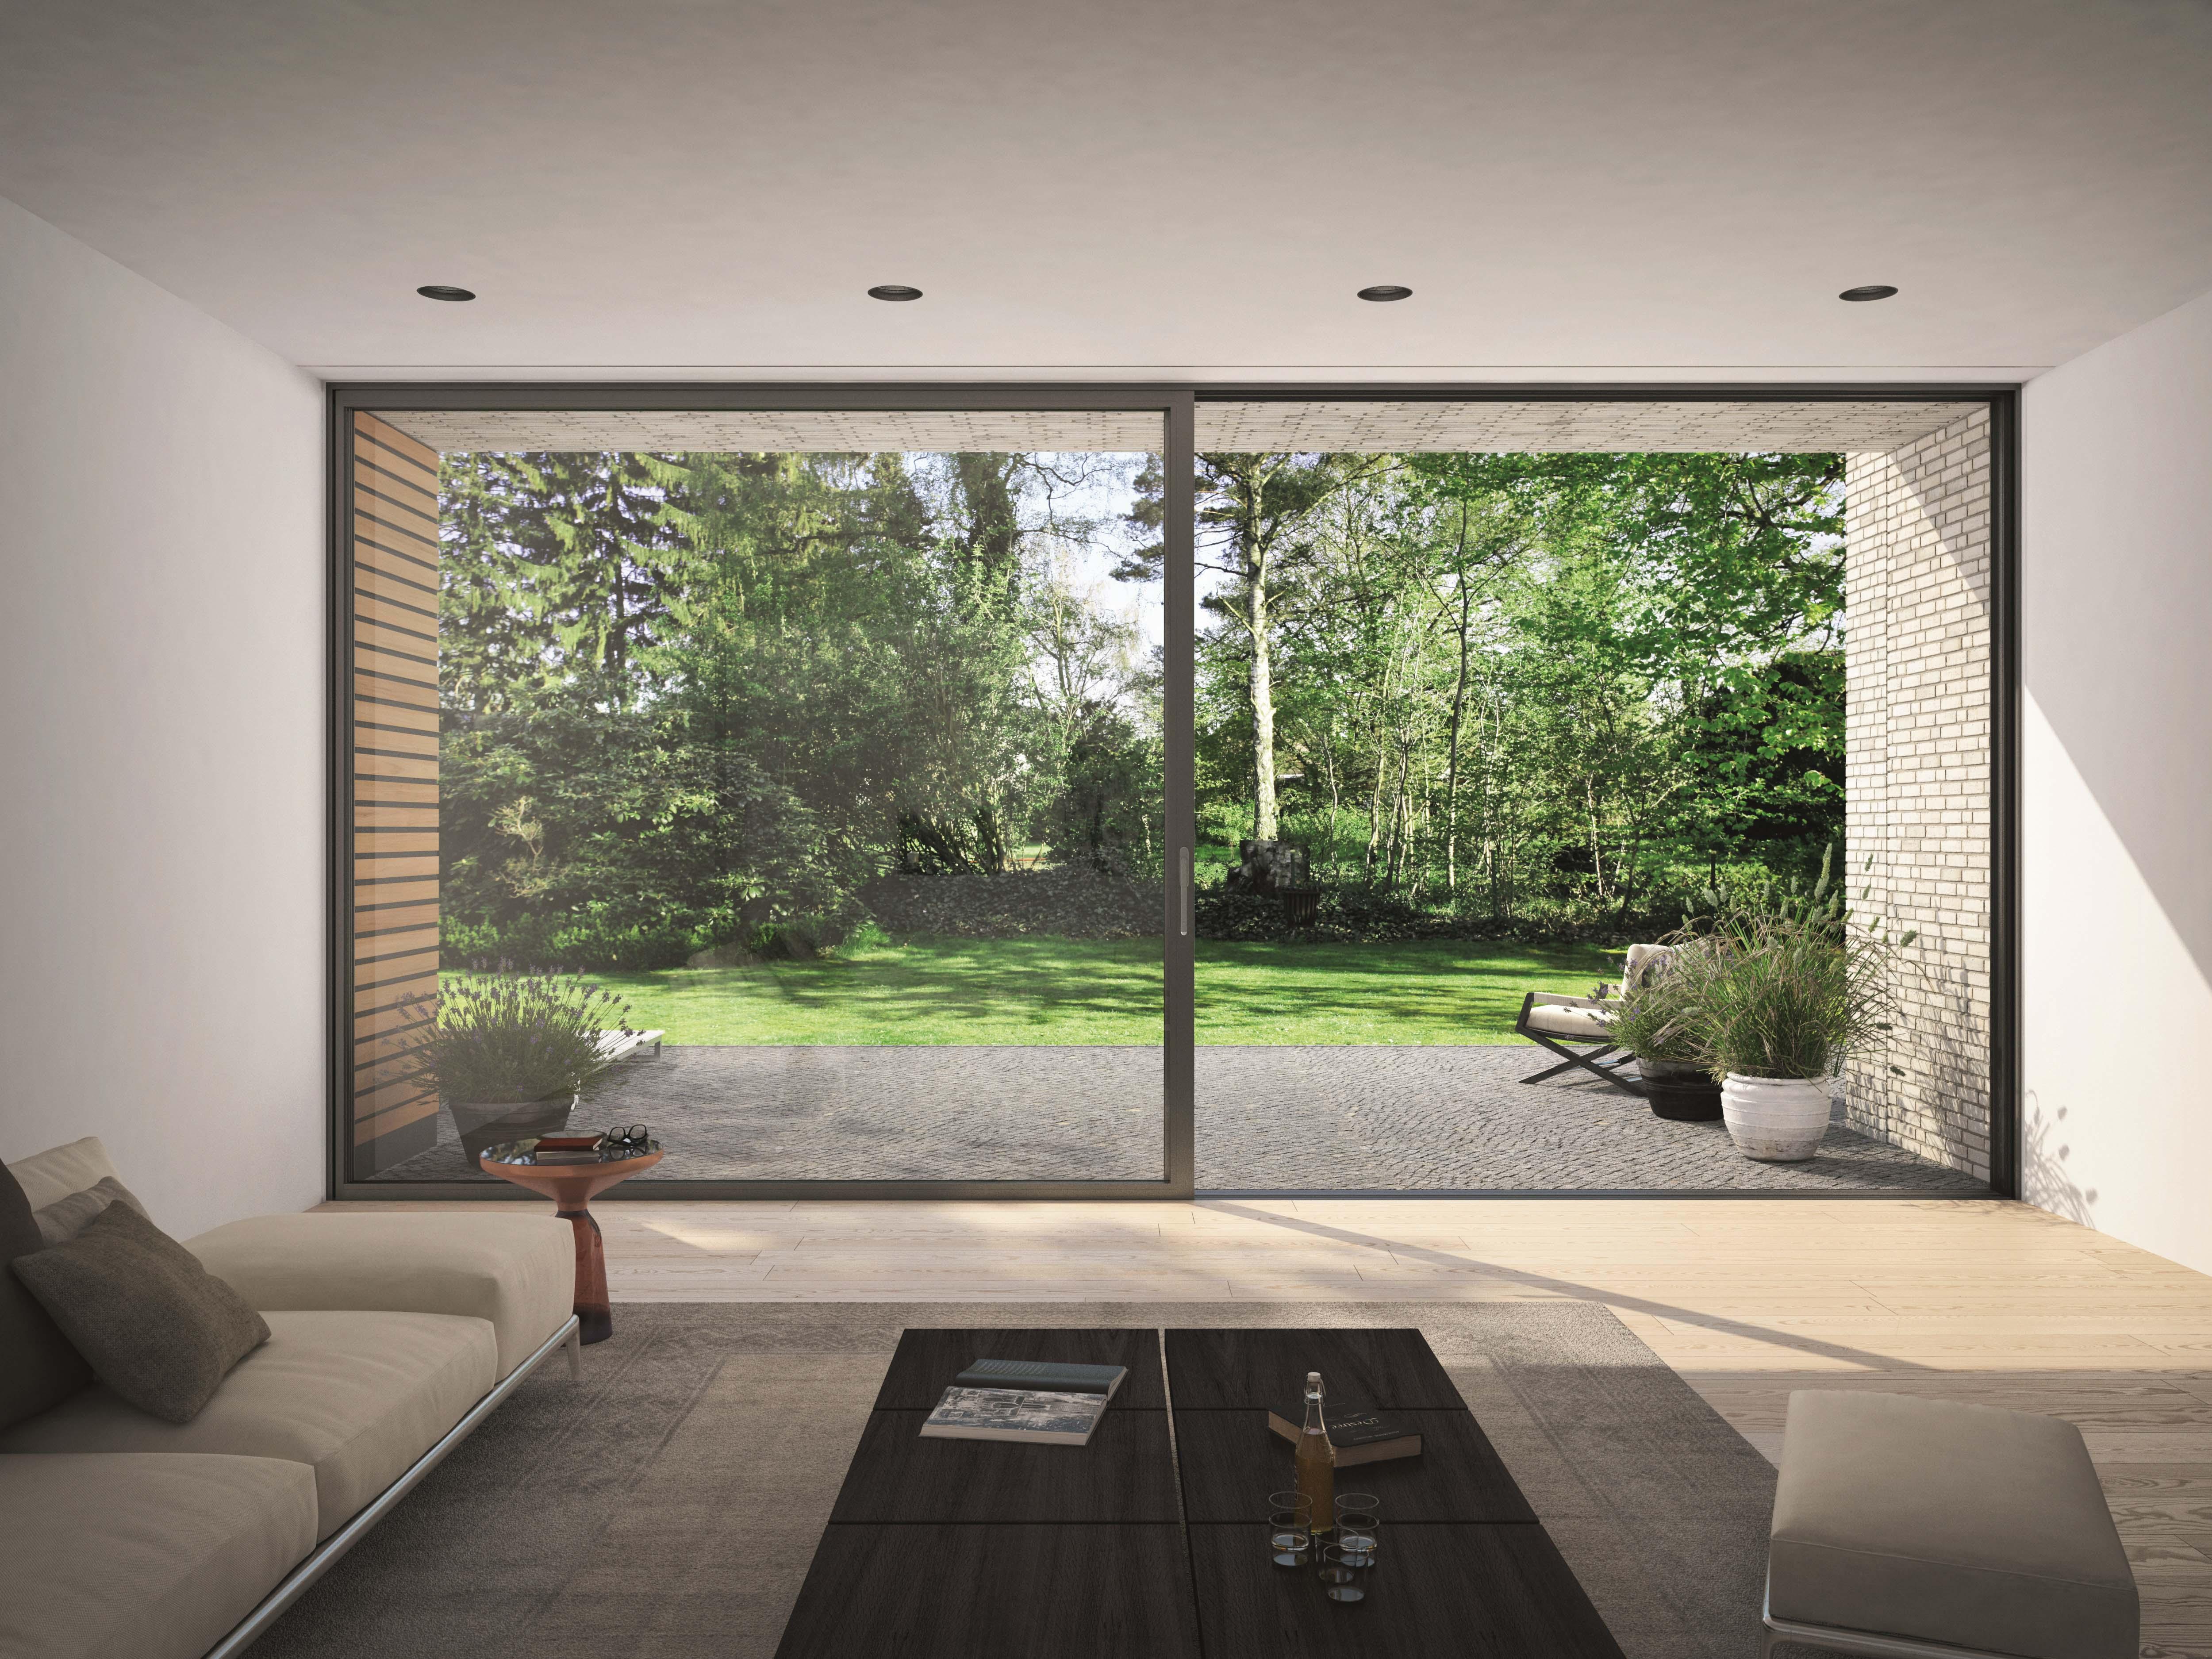 シューコー、アルミ製高断熱スライディング窓の販売開始